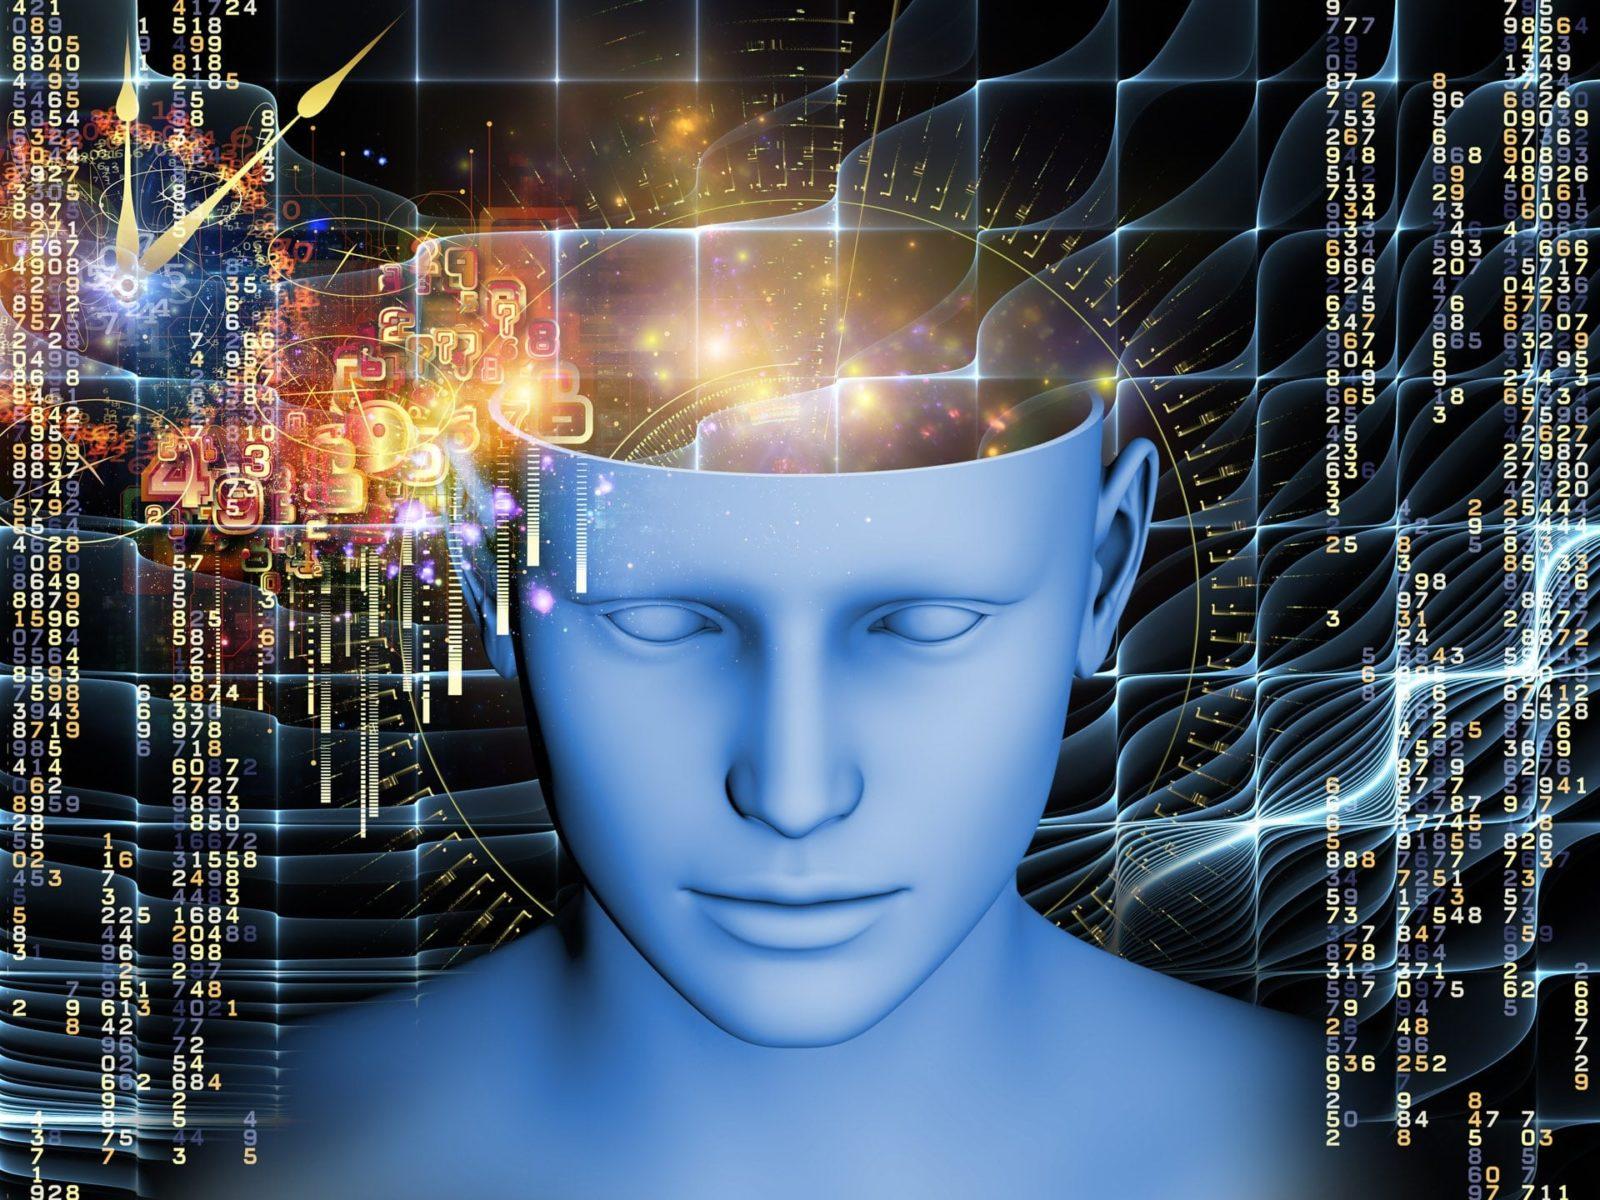 柯老師Q&A- Q:我們是否有可能只透過信念系統,就可以揚升、不用再輪迴?